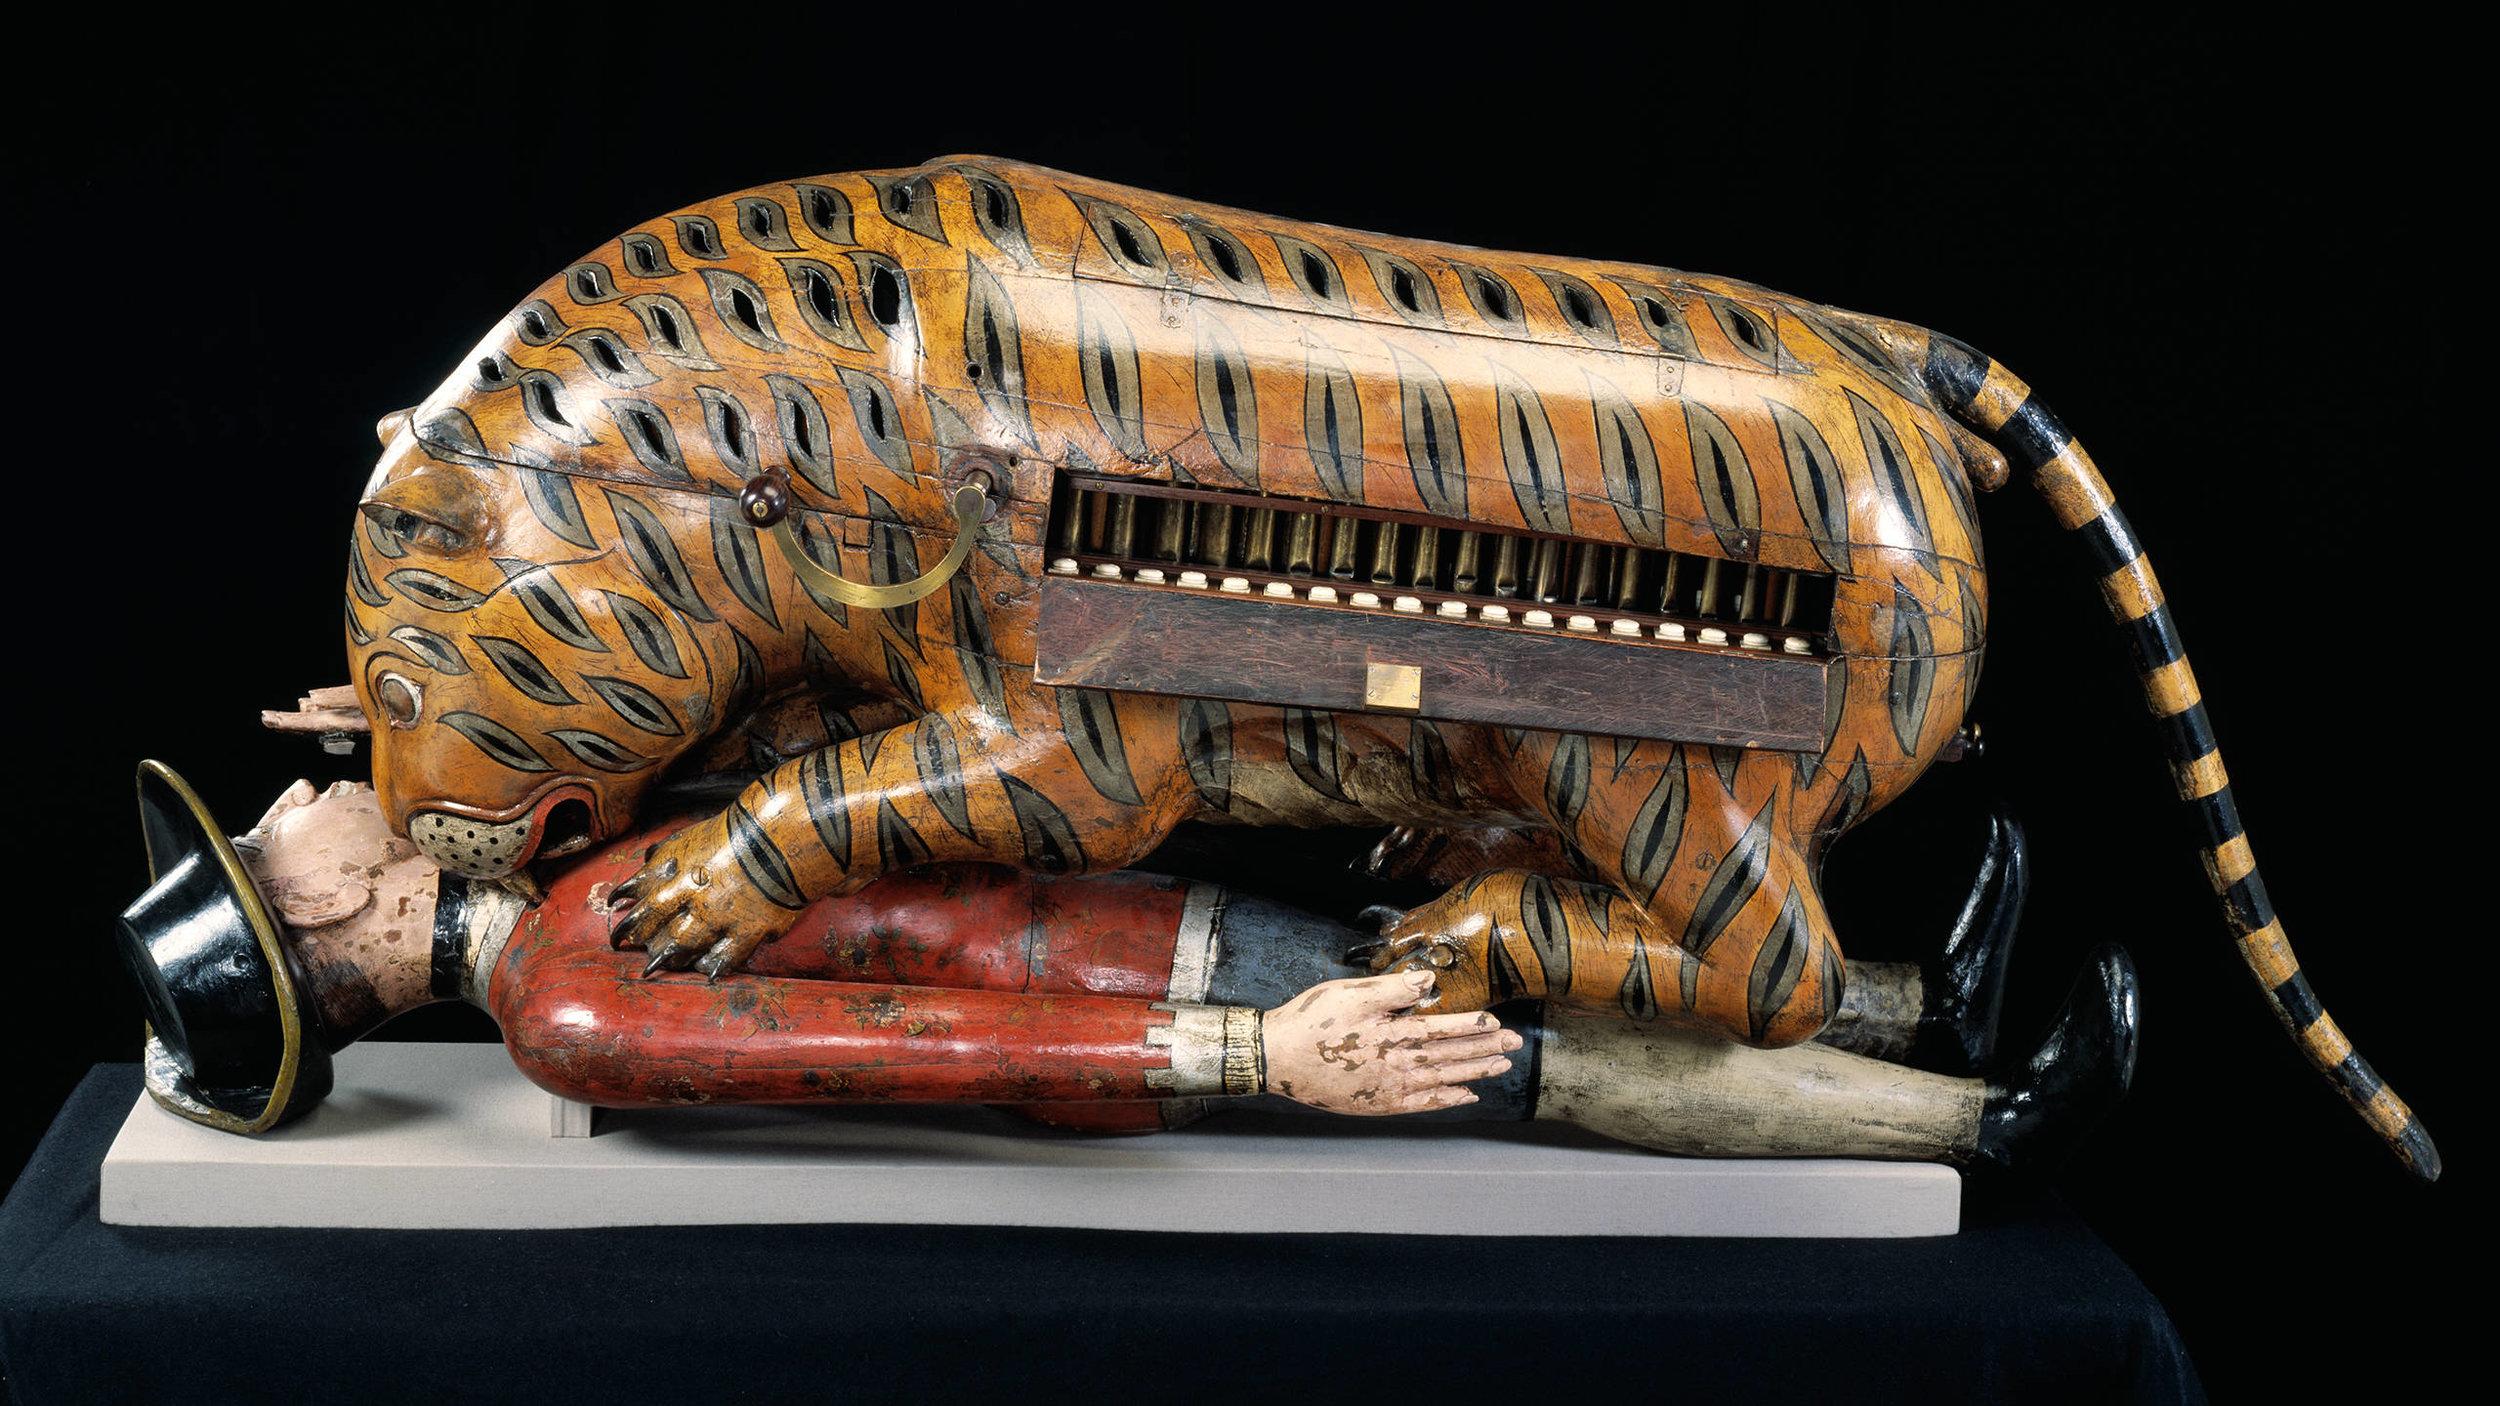 Tipu's Tiger  Mysore, c. 1780s - 1790s  Credit: Victoria & Albert Museum